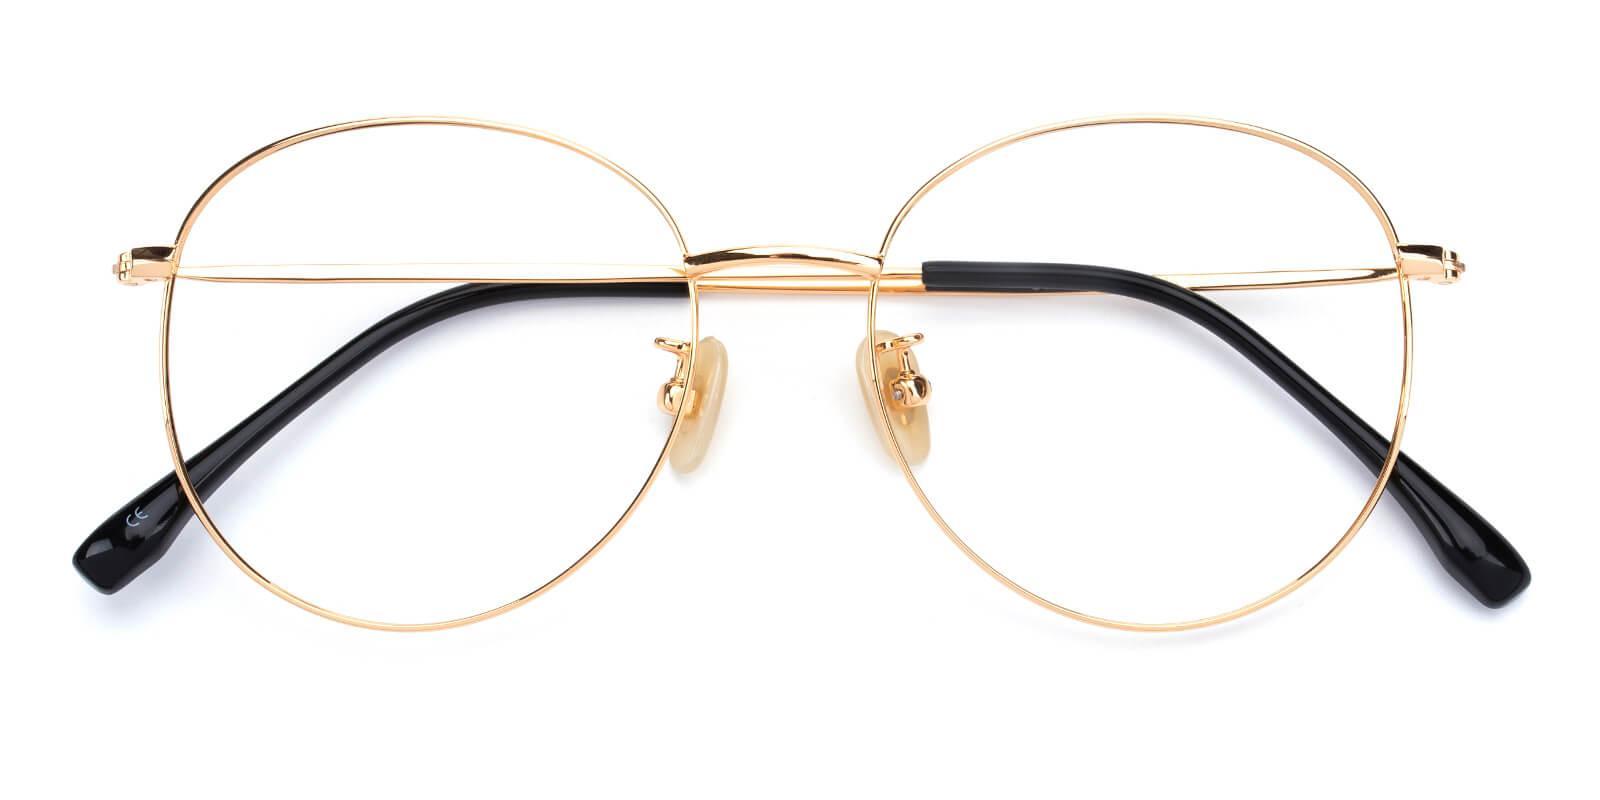 Mondigo-Gold-Round-Titanium-Eyeglasses-detail